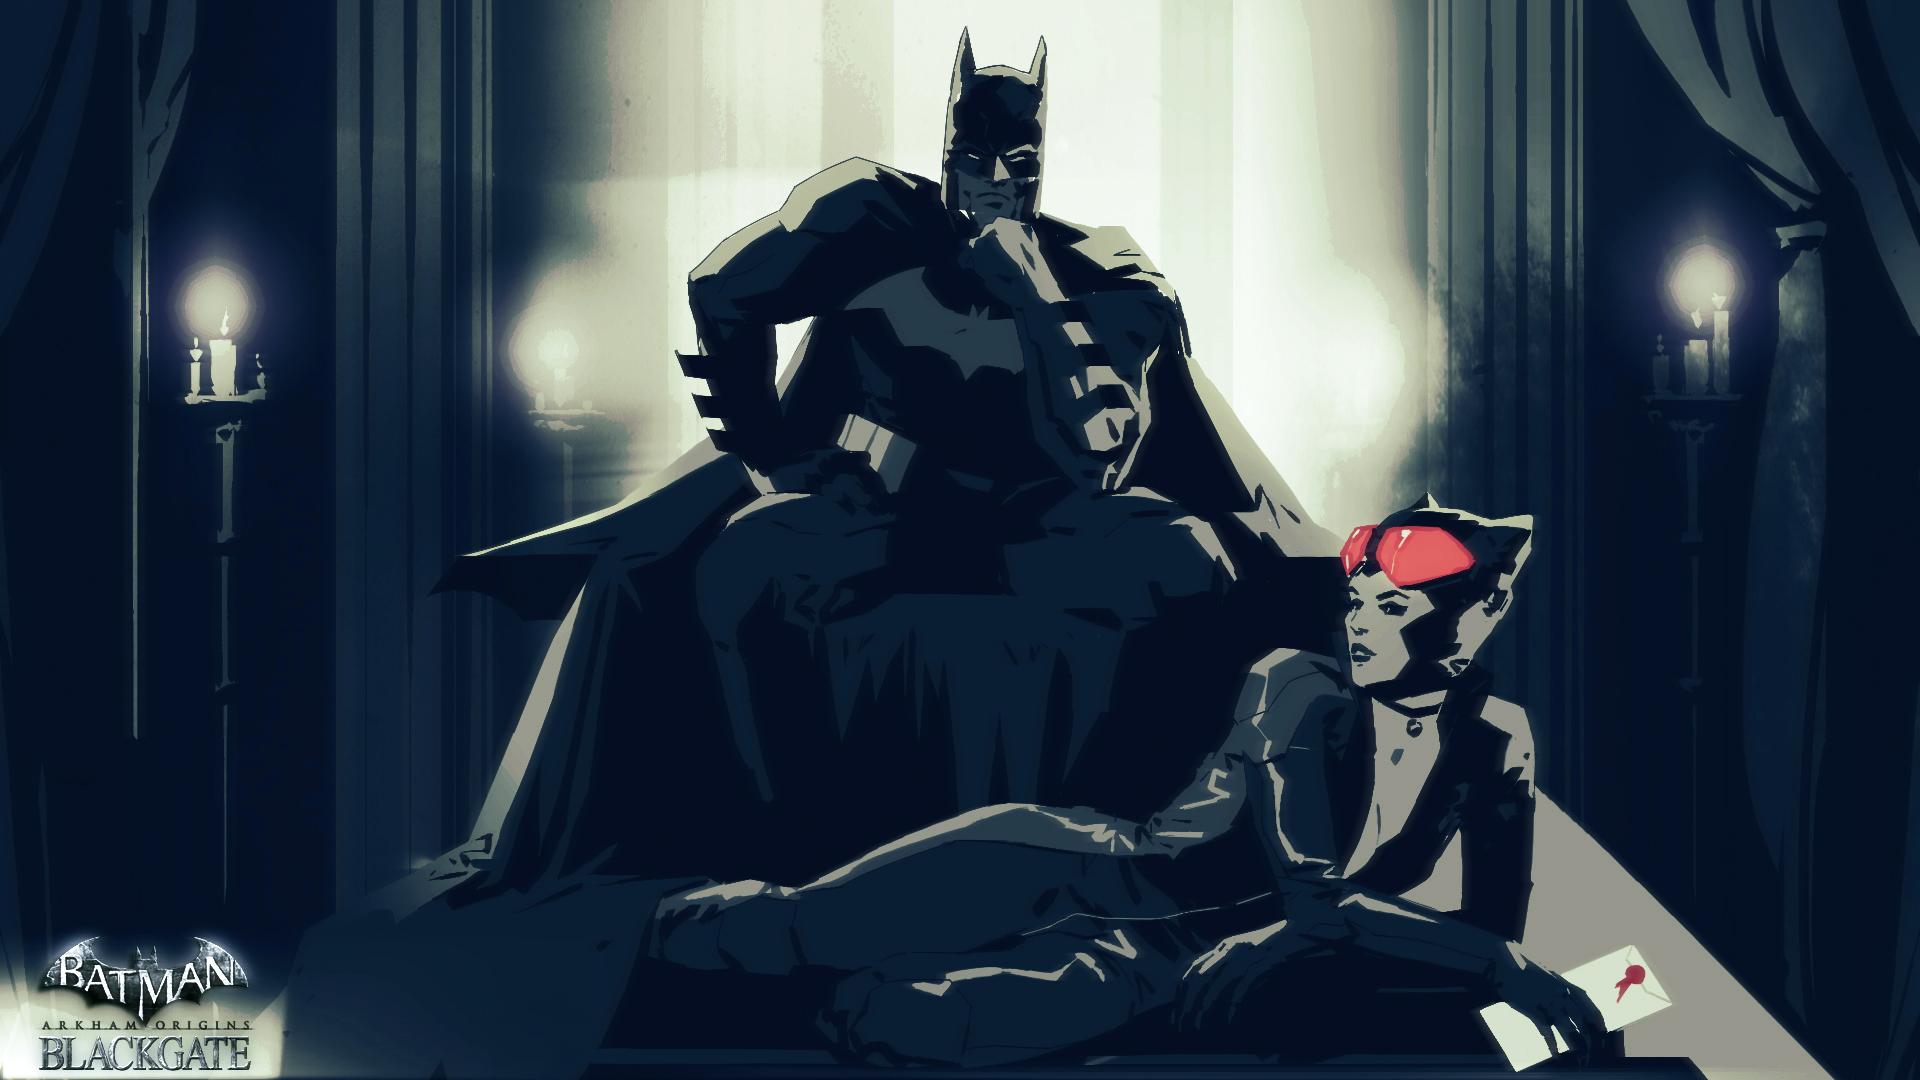 Czeshop Images Batman Catwoman Kiss Wallpaper